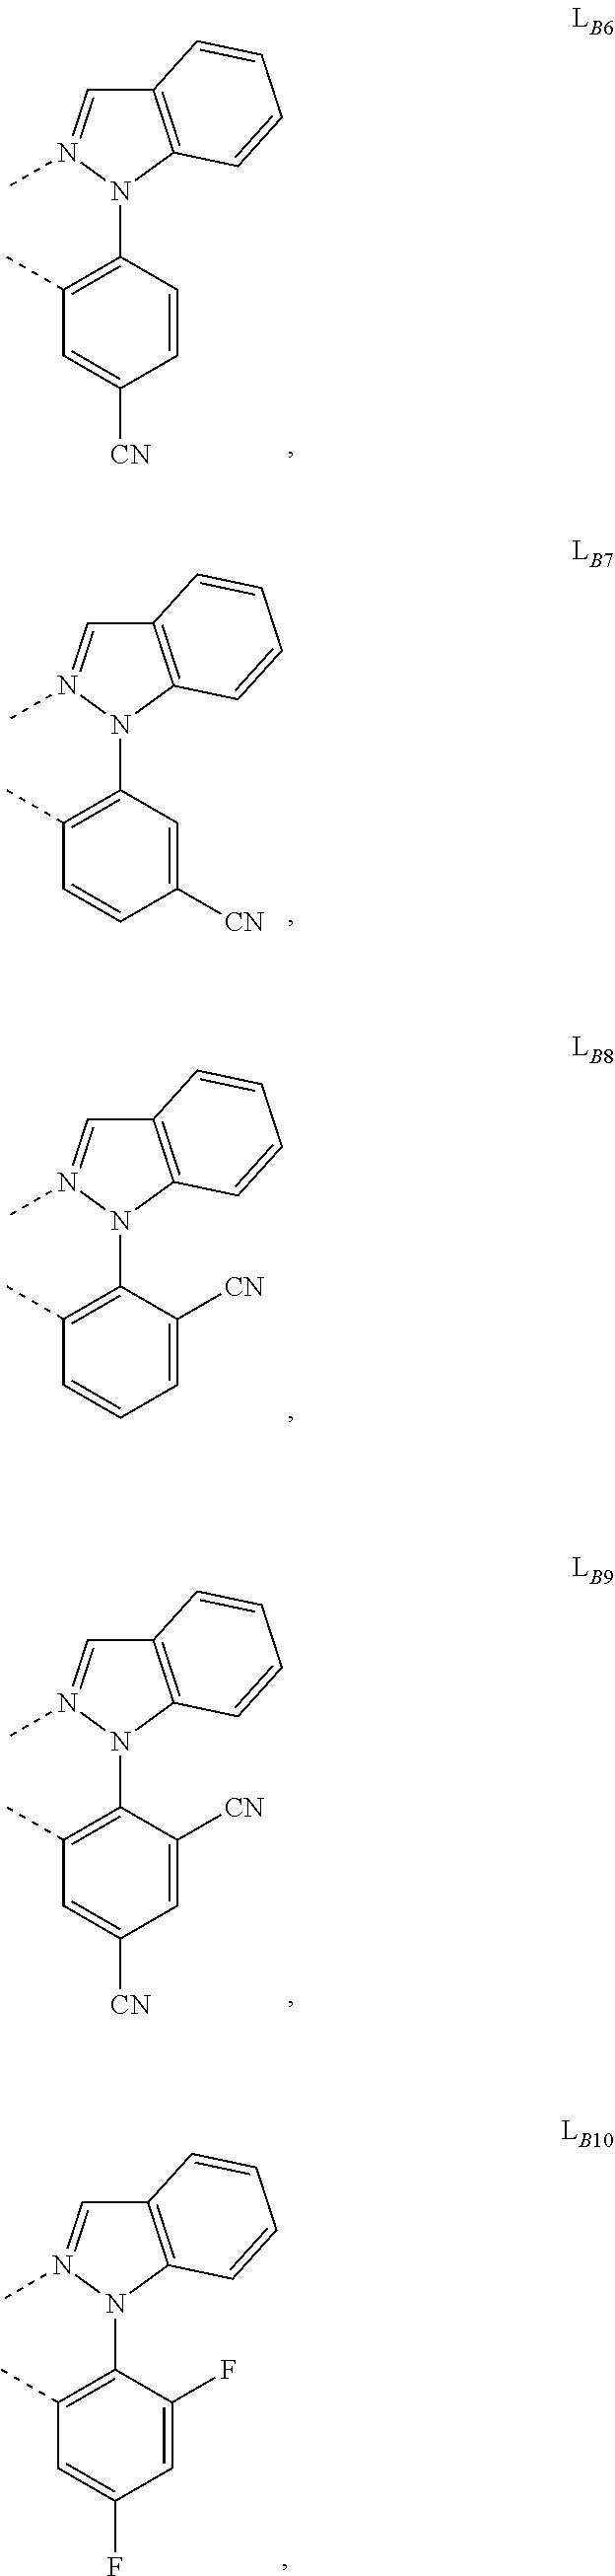 Figure US09905785-20180227-C00558